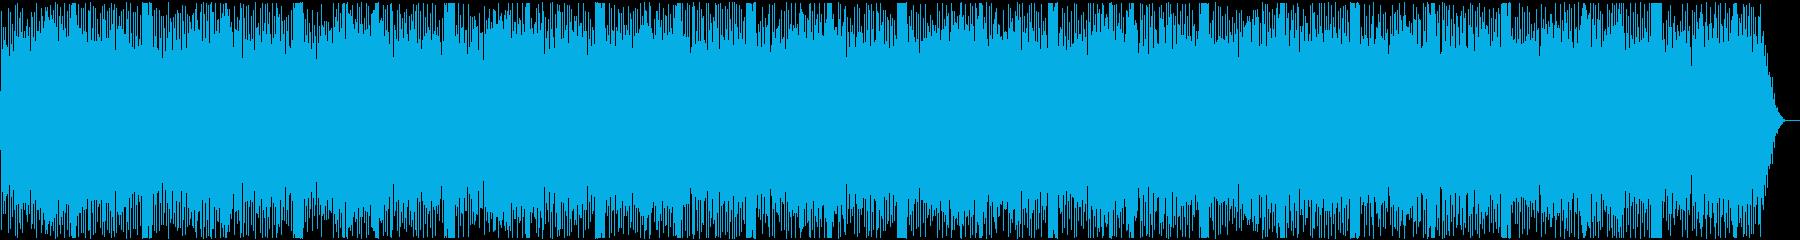 小気味良いサウンドのシンセサイザー曲の再生済みの波形